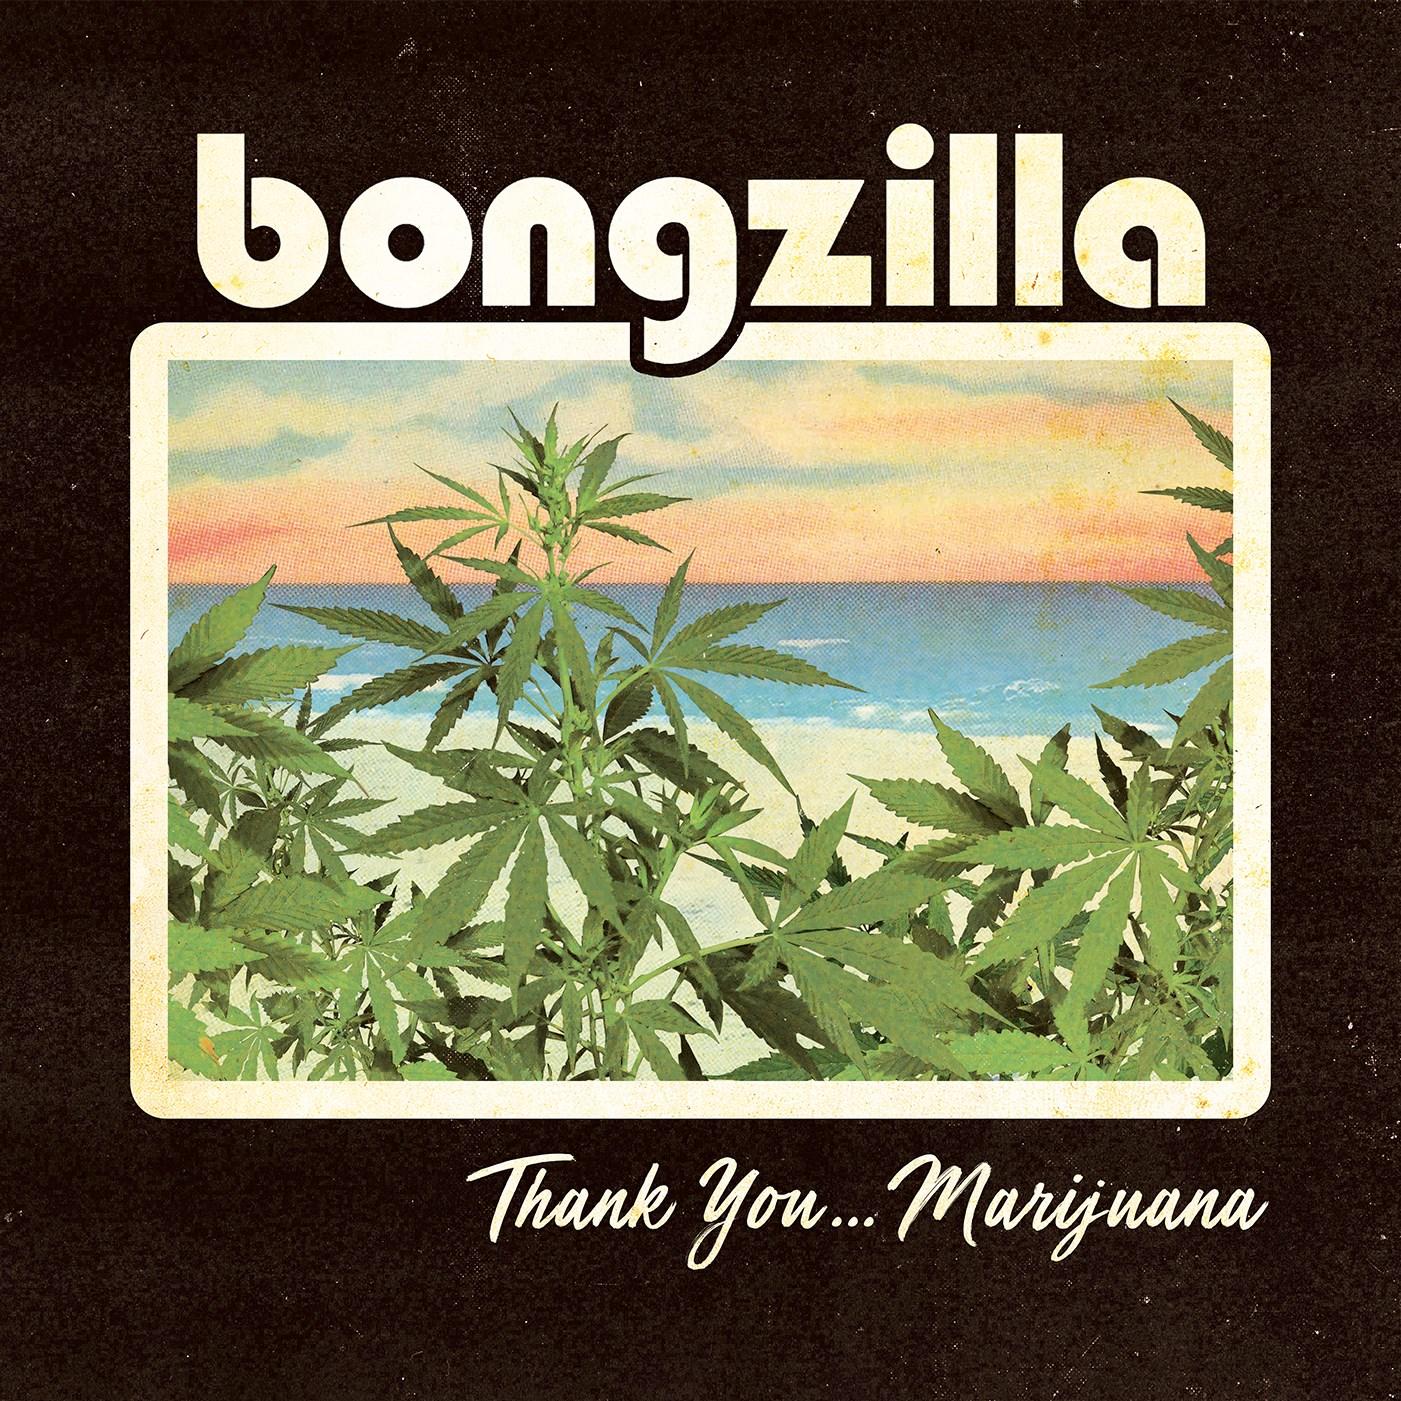 bongzilla thank you marijuana